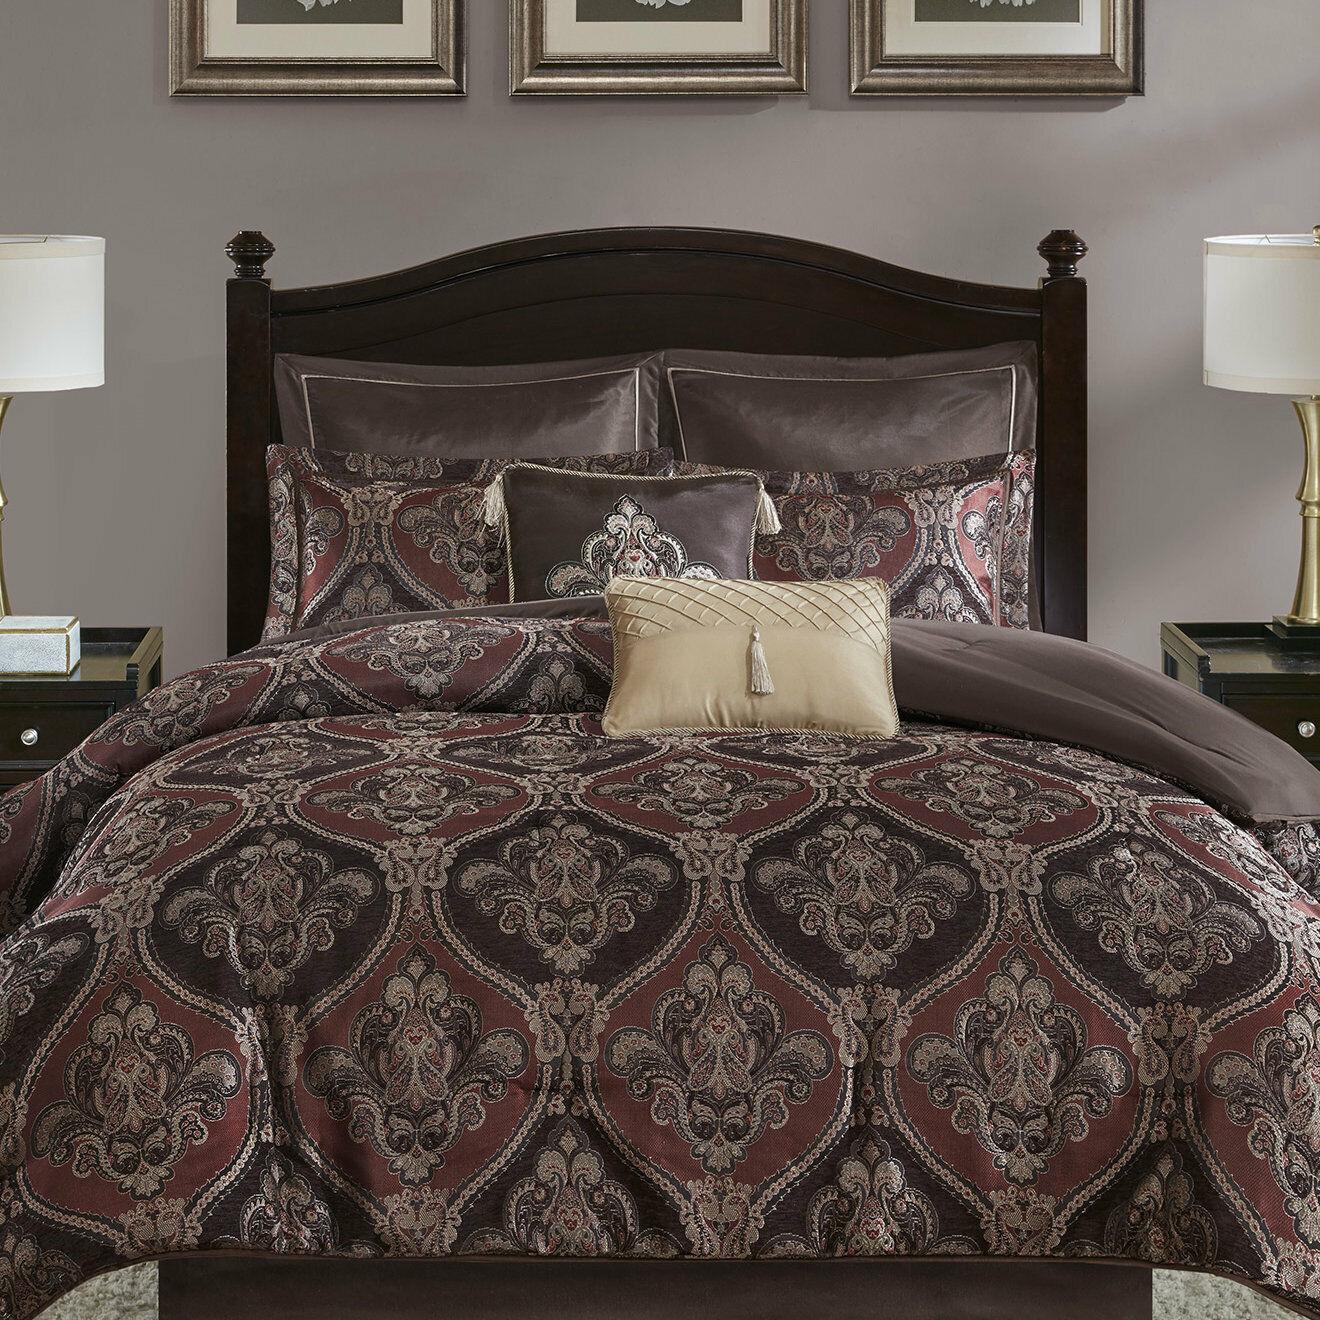 Fleur De Lis Living Clara 8 Piece Chenille Jacquard Comforter Set